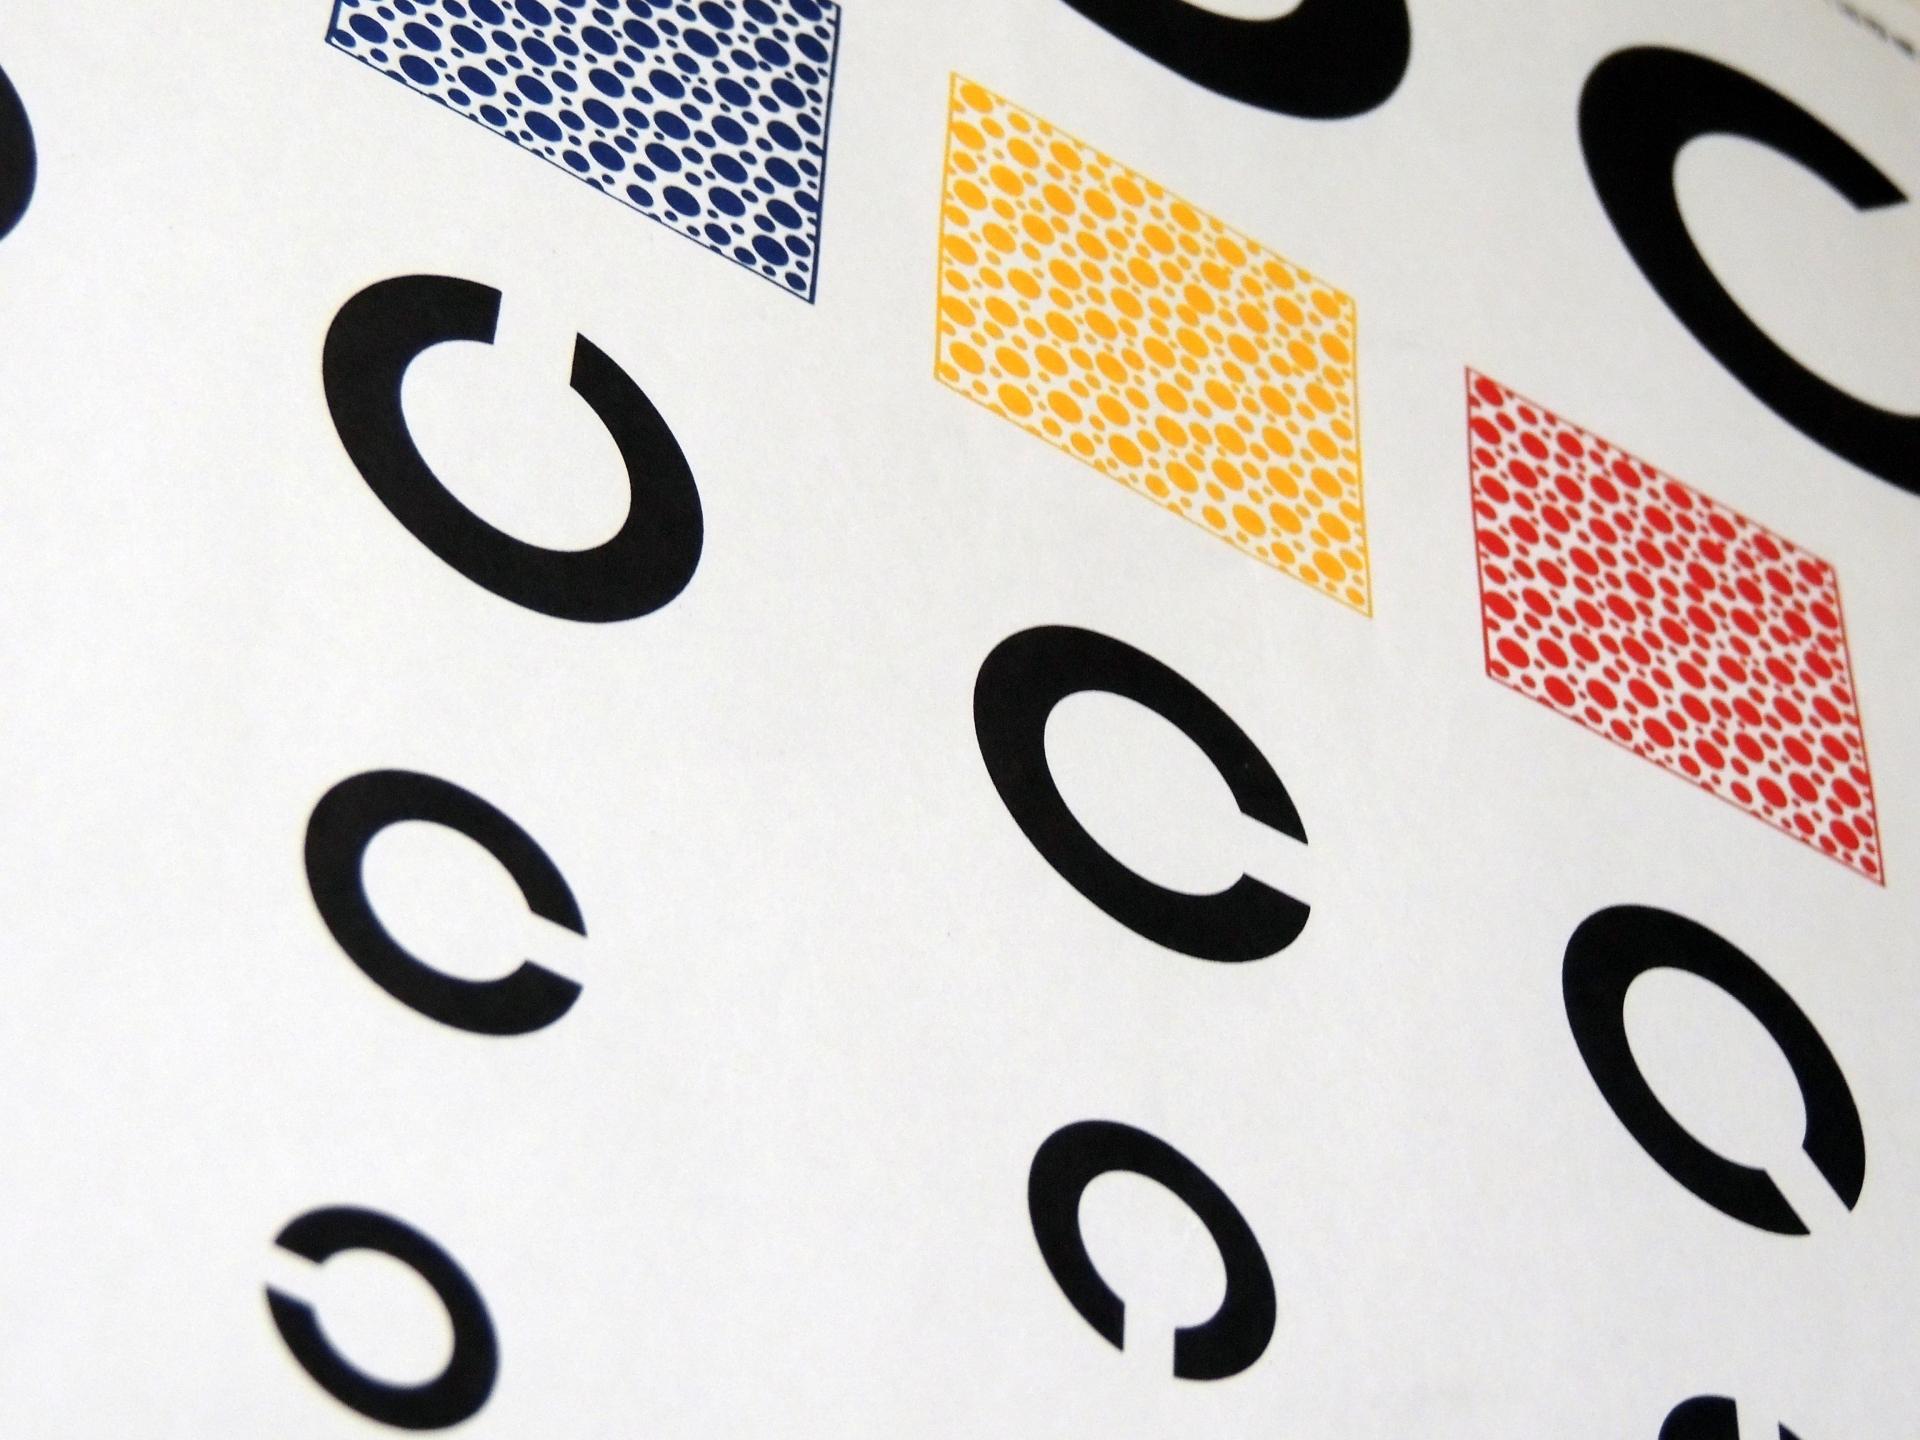 視力検査の方法について復習しよう!「C」の意味も教えます!